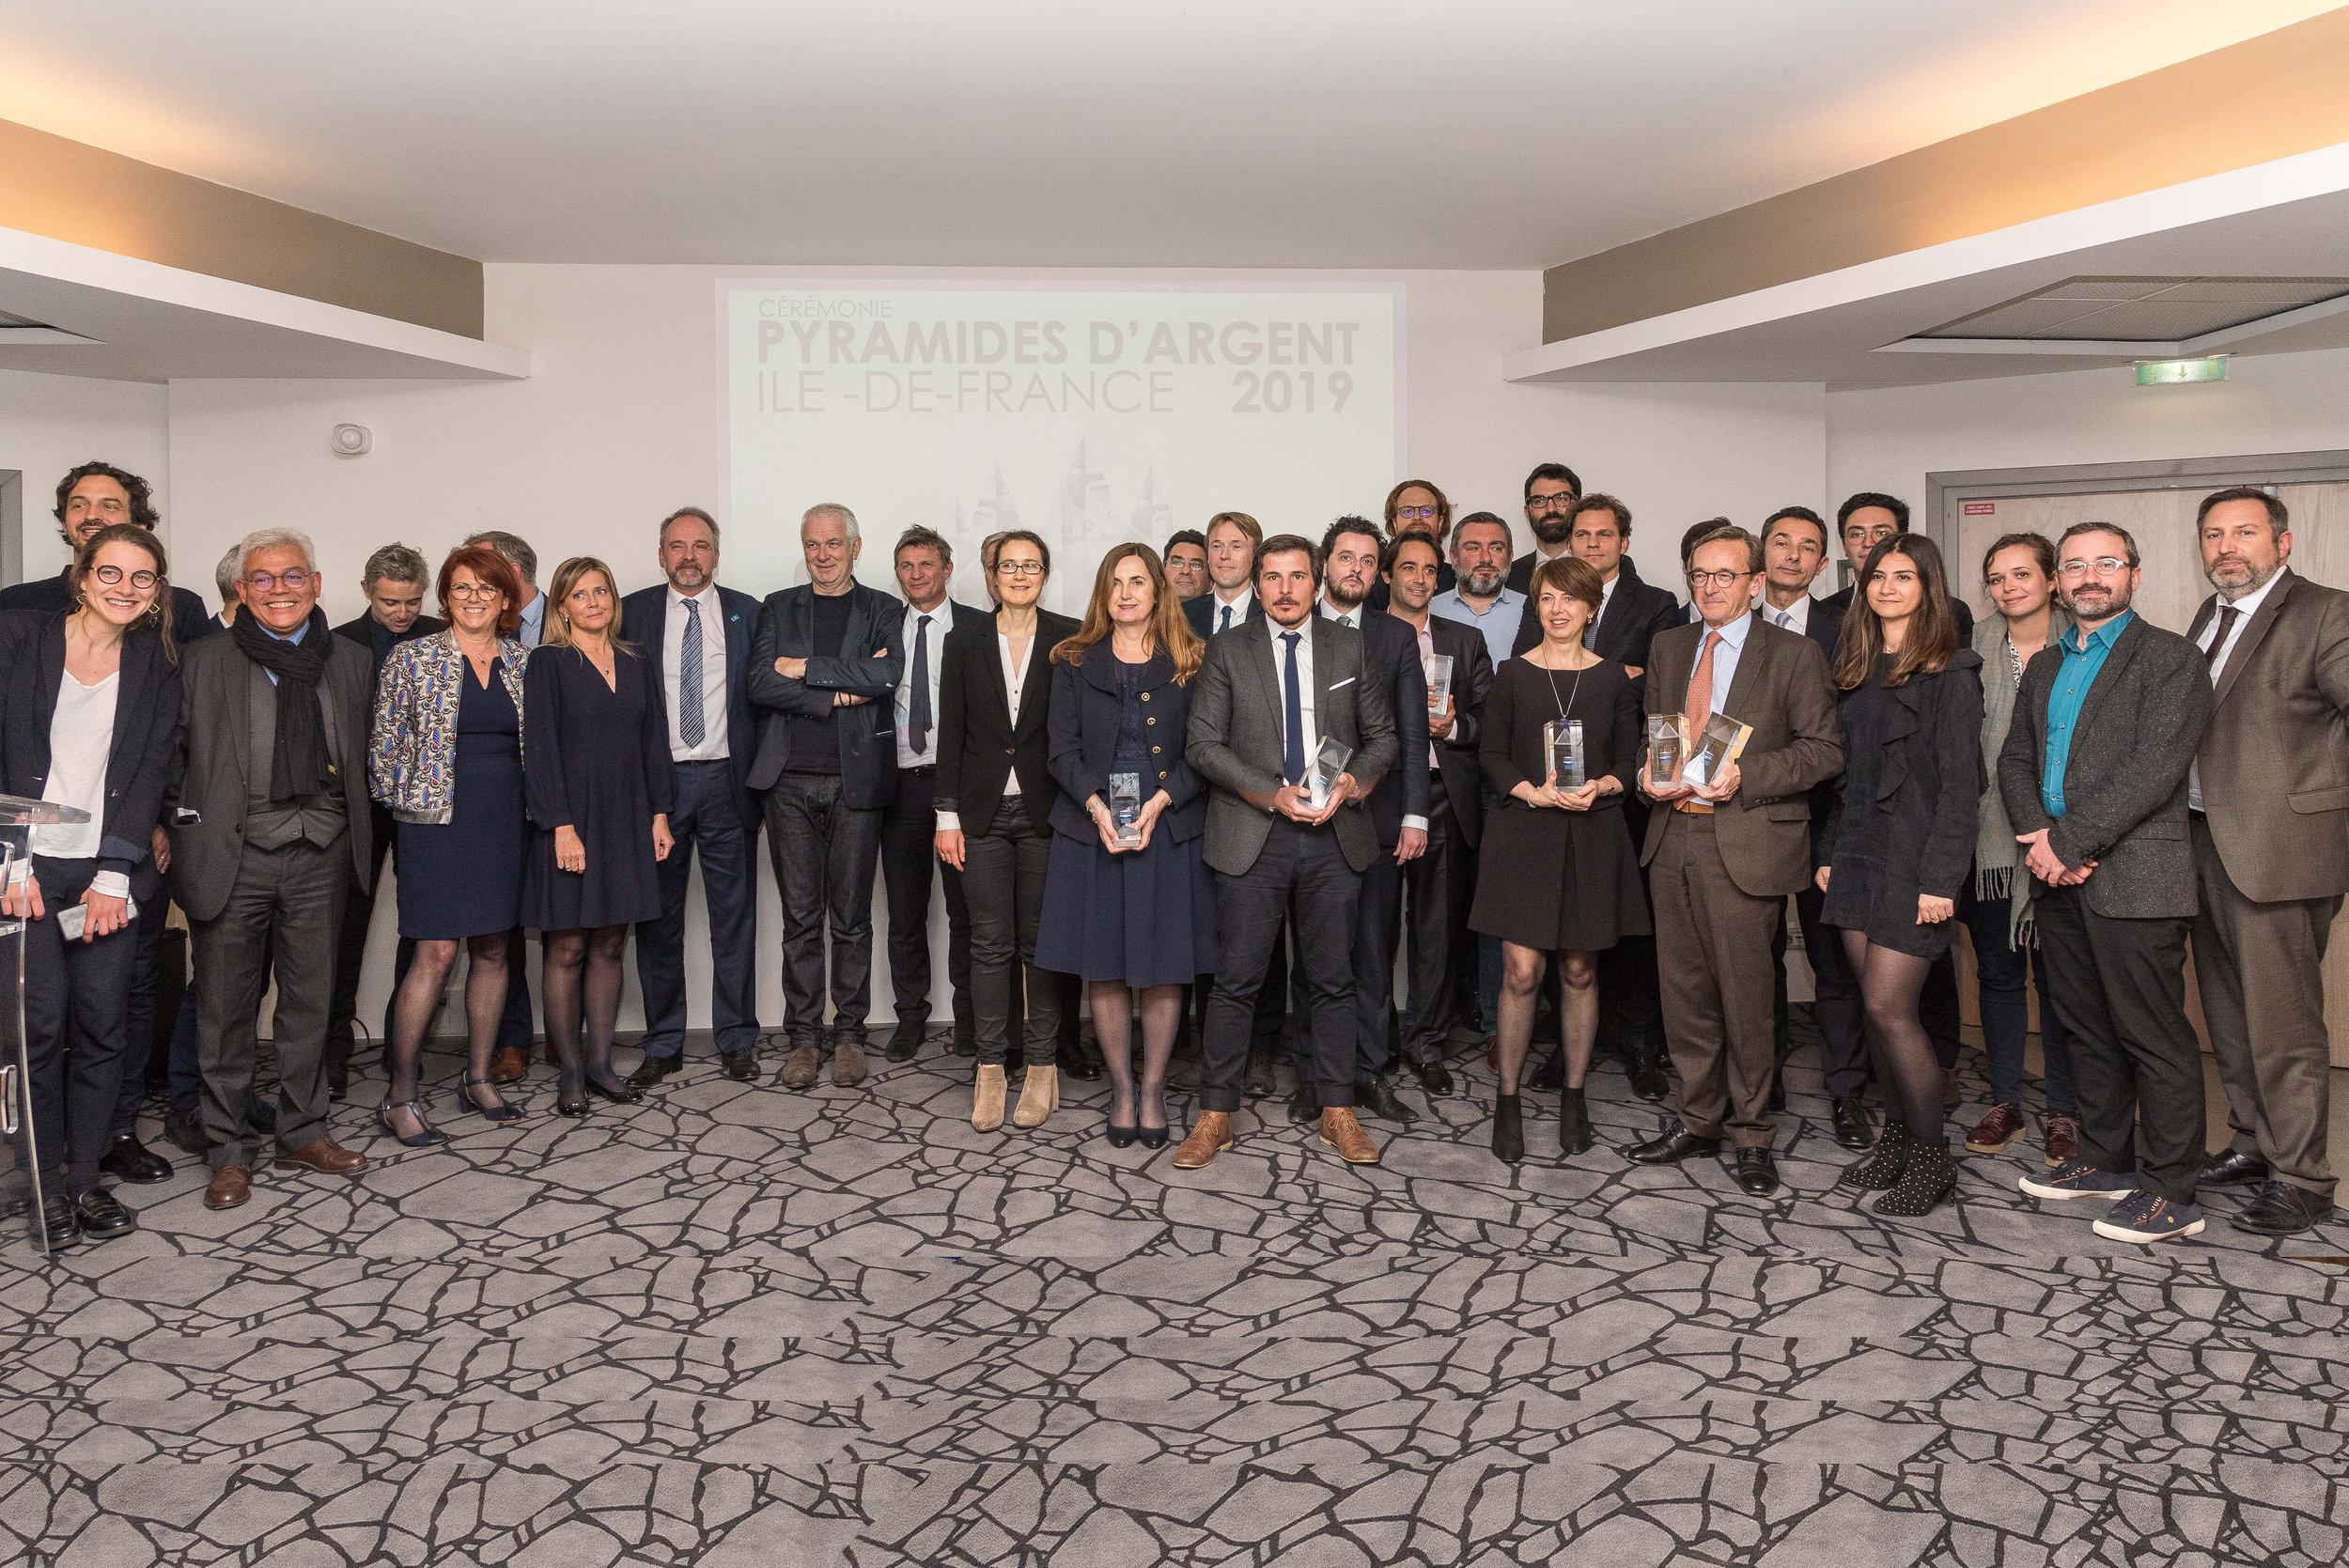 FPI 2019-367- laureats.jpg